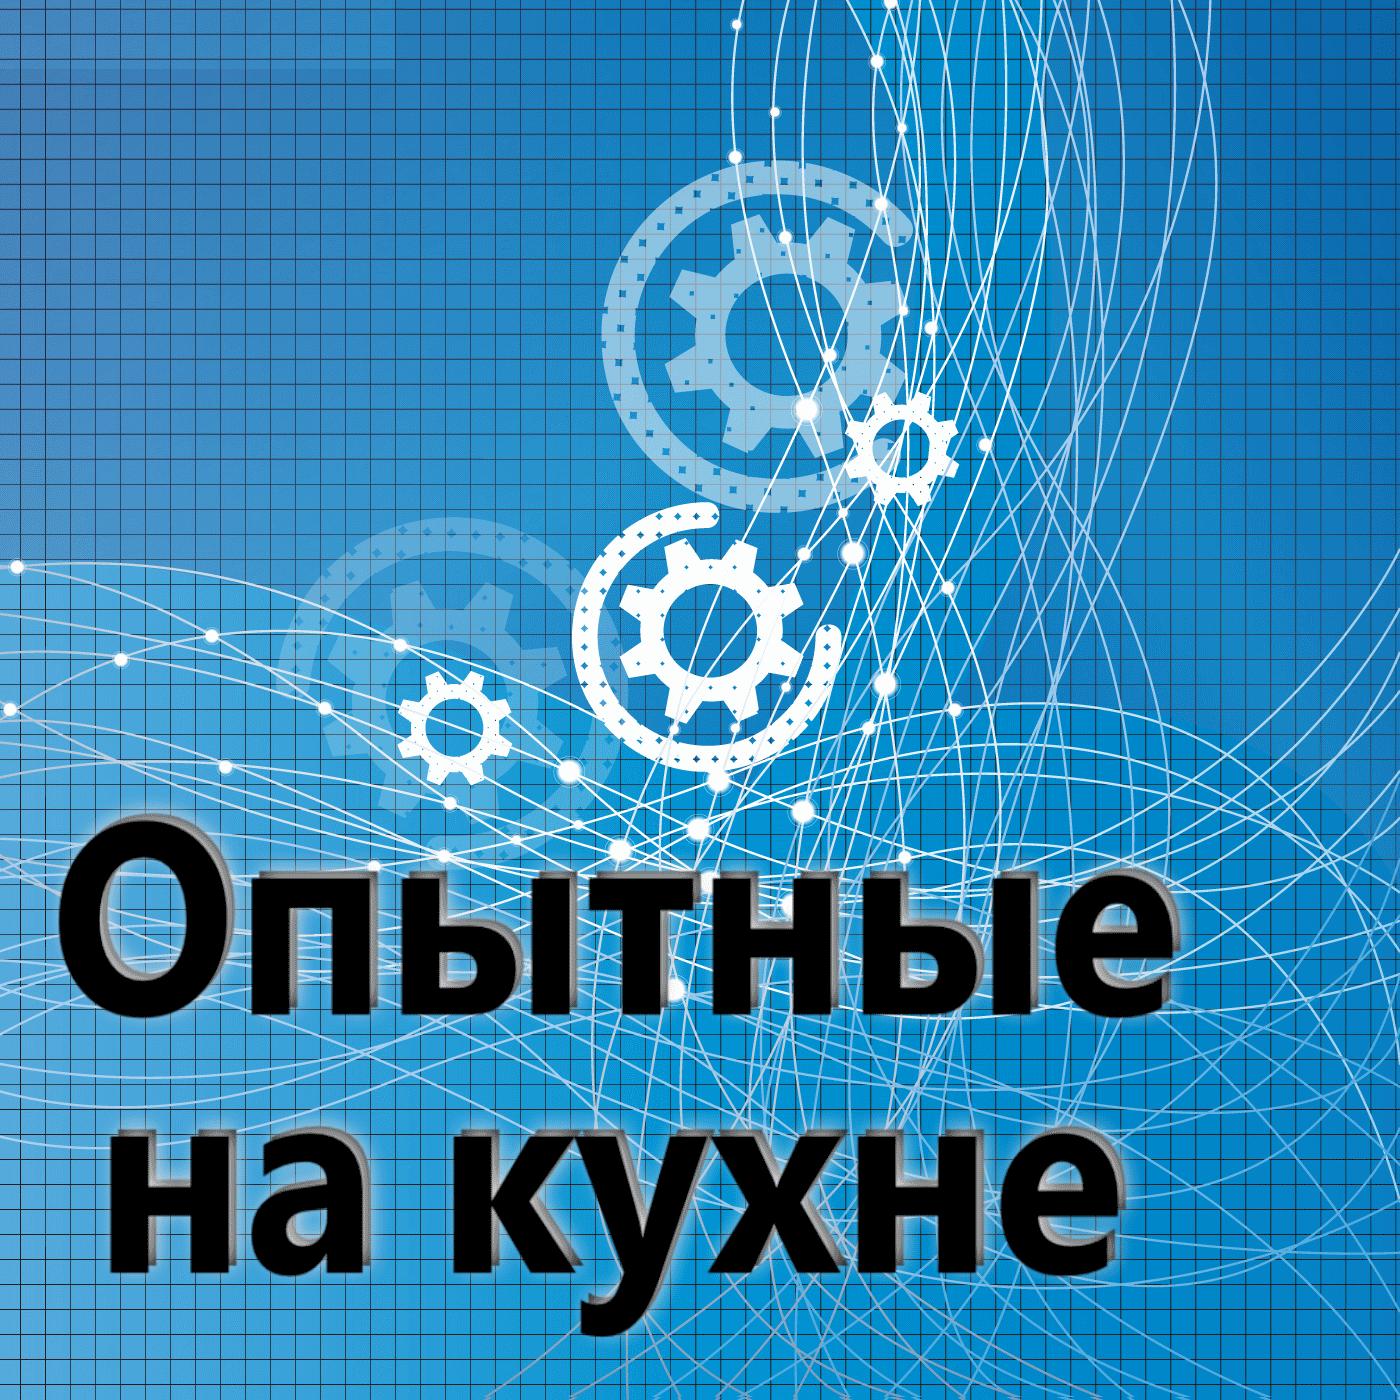 Евгений Плешивцев 127. Опытные на кухне.